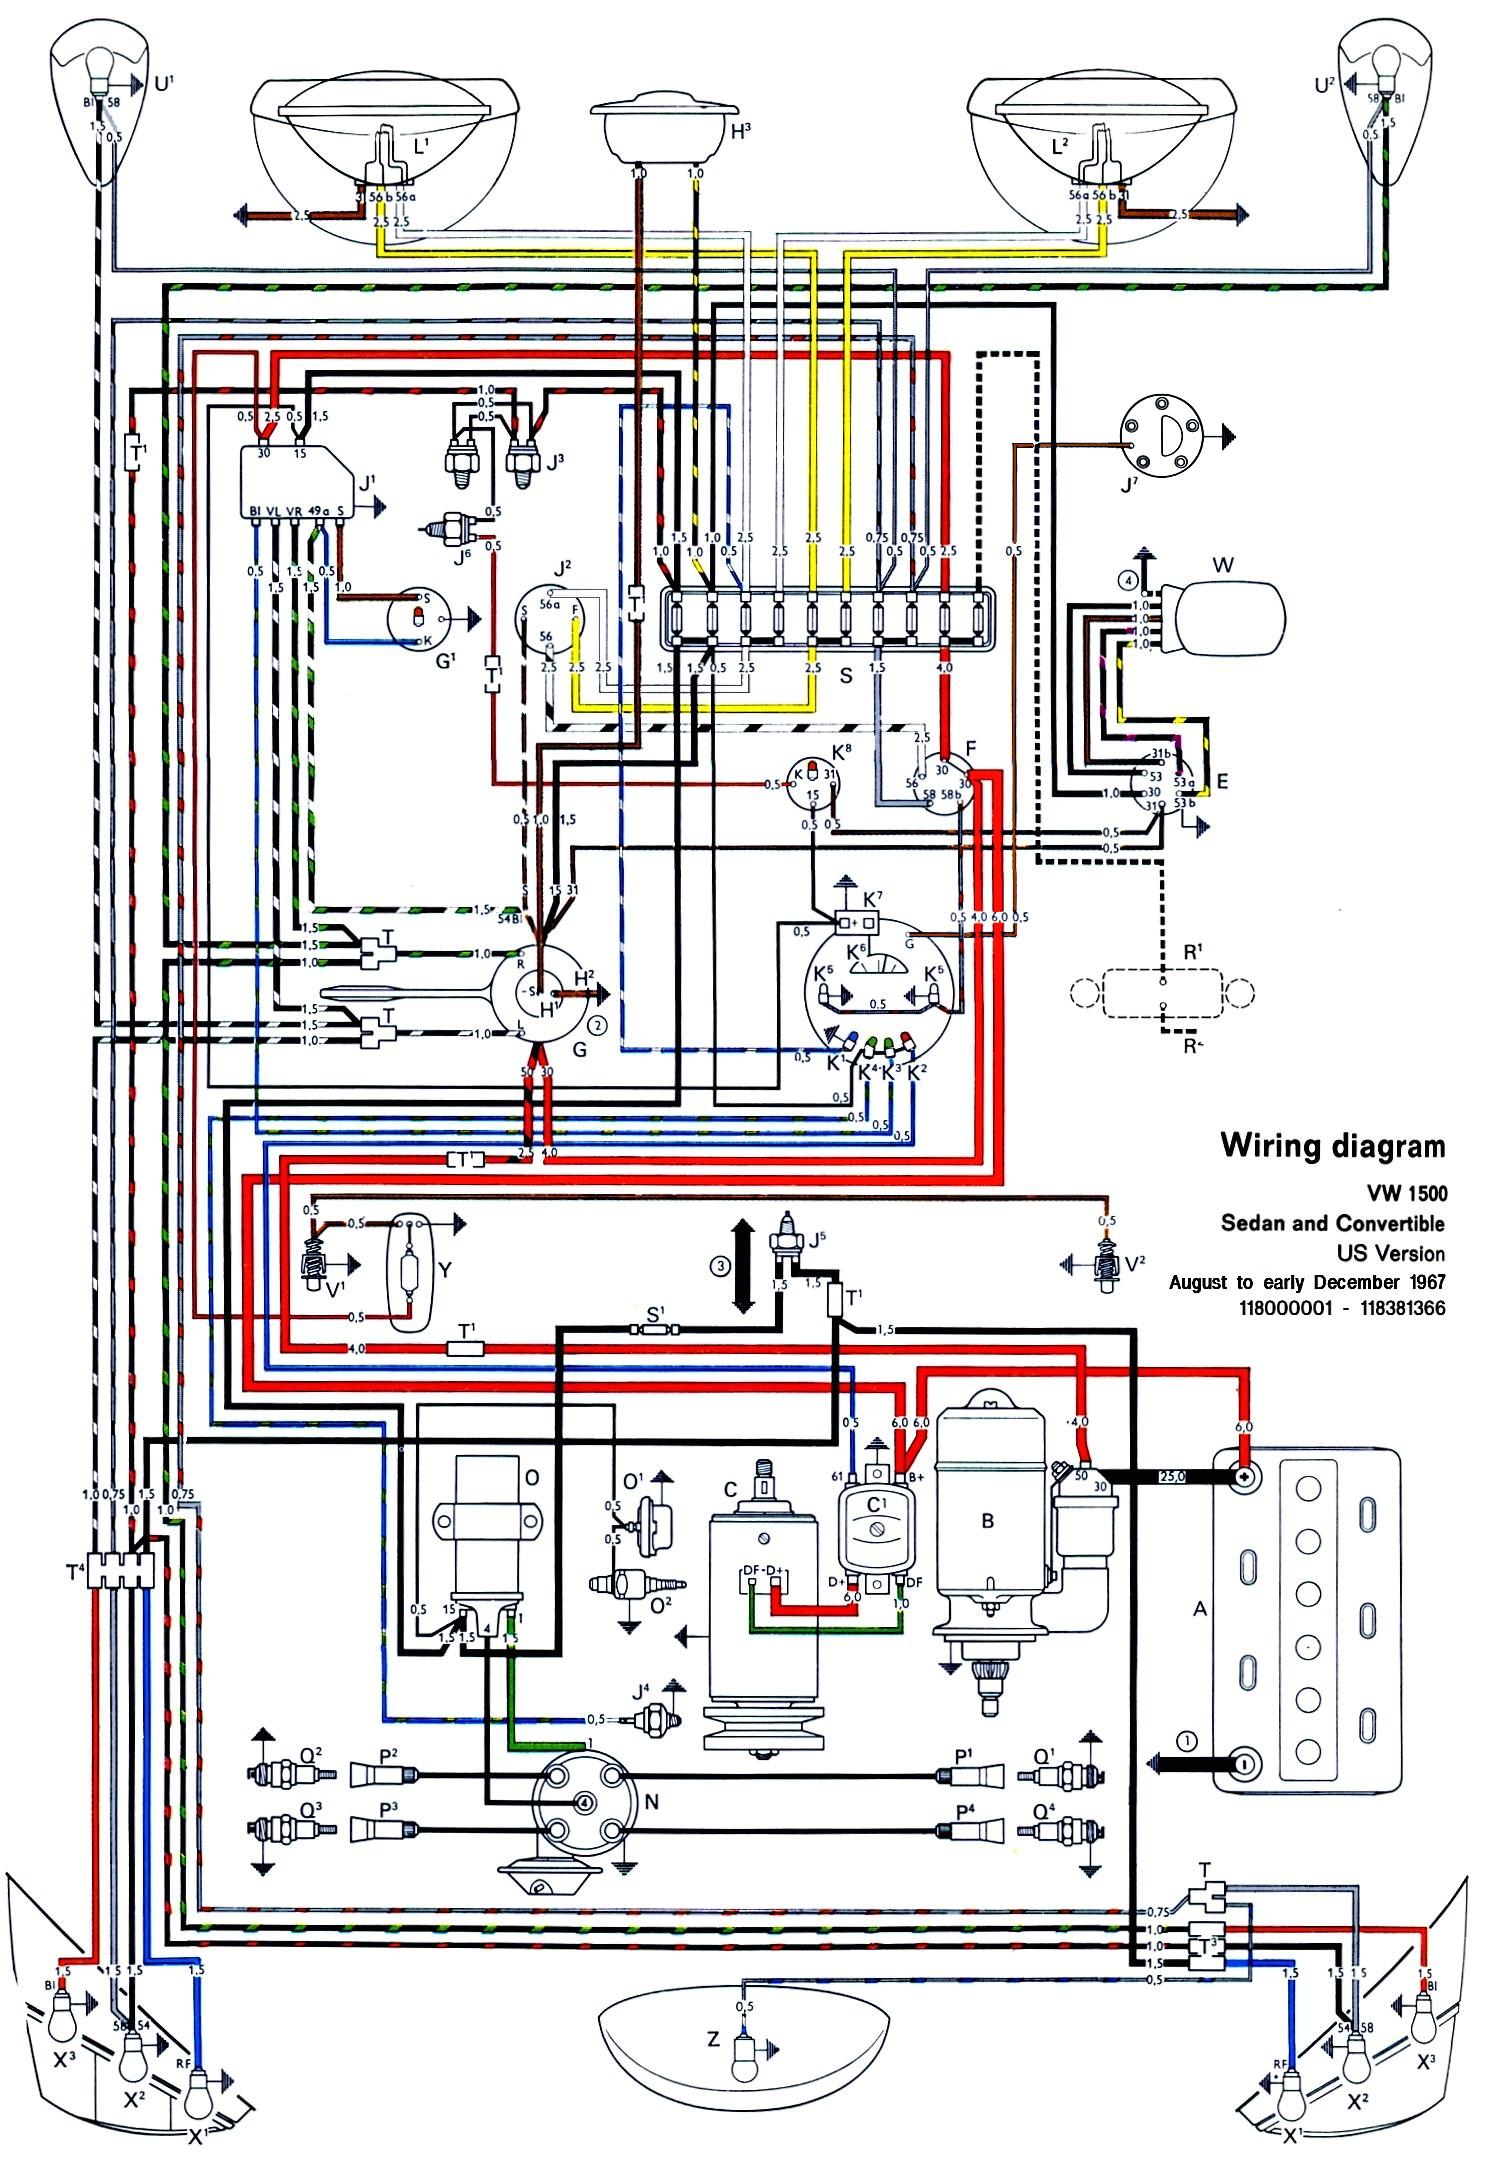 68 vw wiring diagram wiring diagram paper 1968 vw beetle wiring diagram 1968 vw wiring diagram